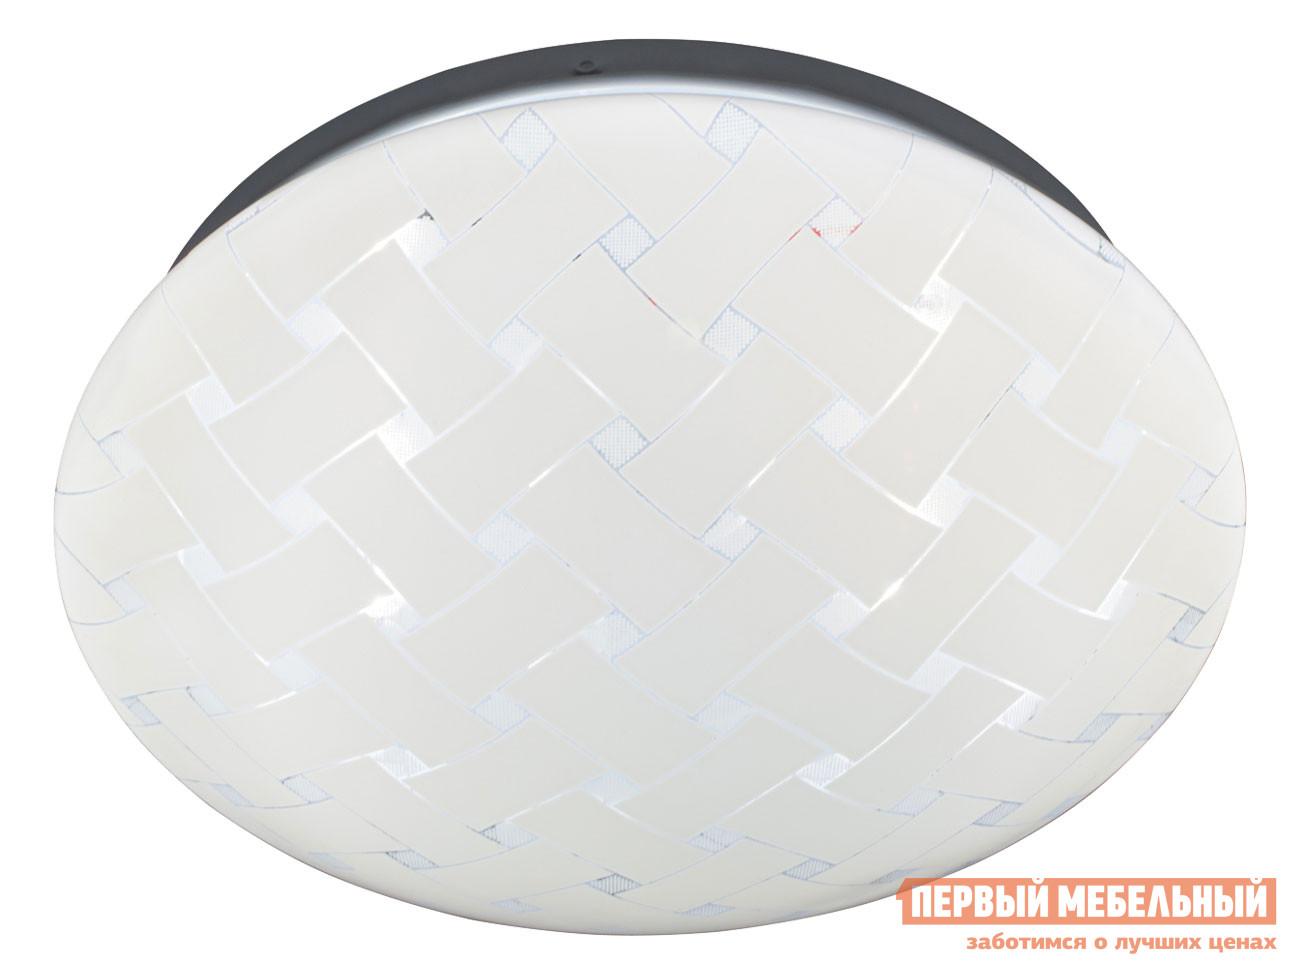 Потолочная люстра  Светильник накладной PLC.300/18-20W/004 LED 18-20W 220V 4200K 1600Lm D300мм Белый Электросвет 124511